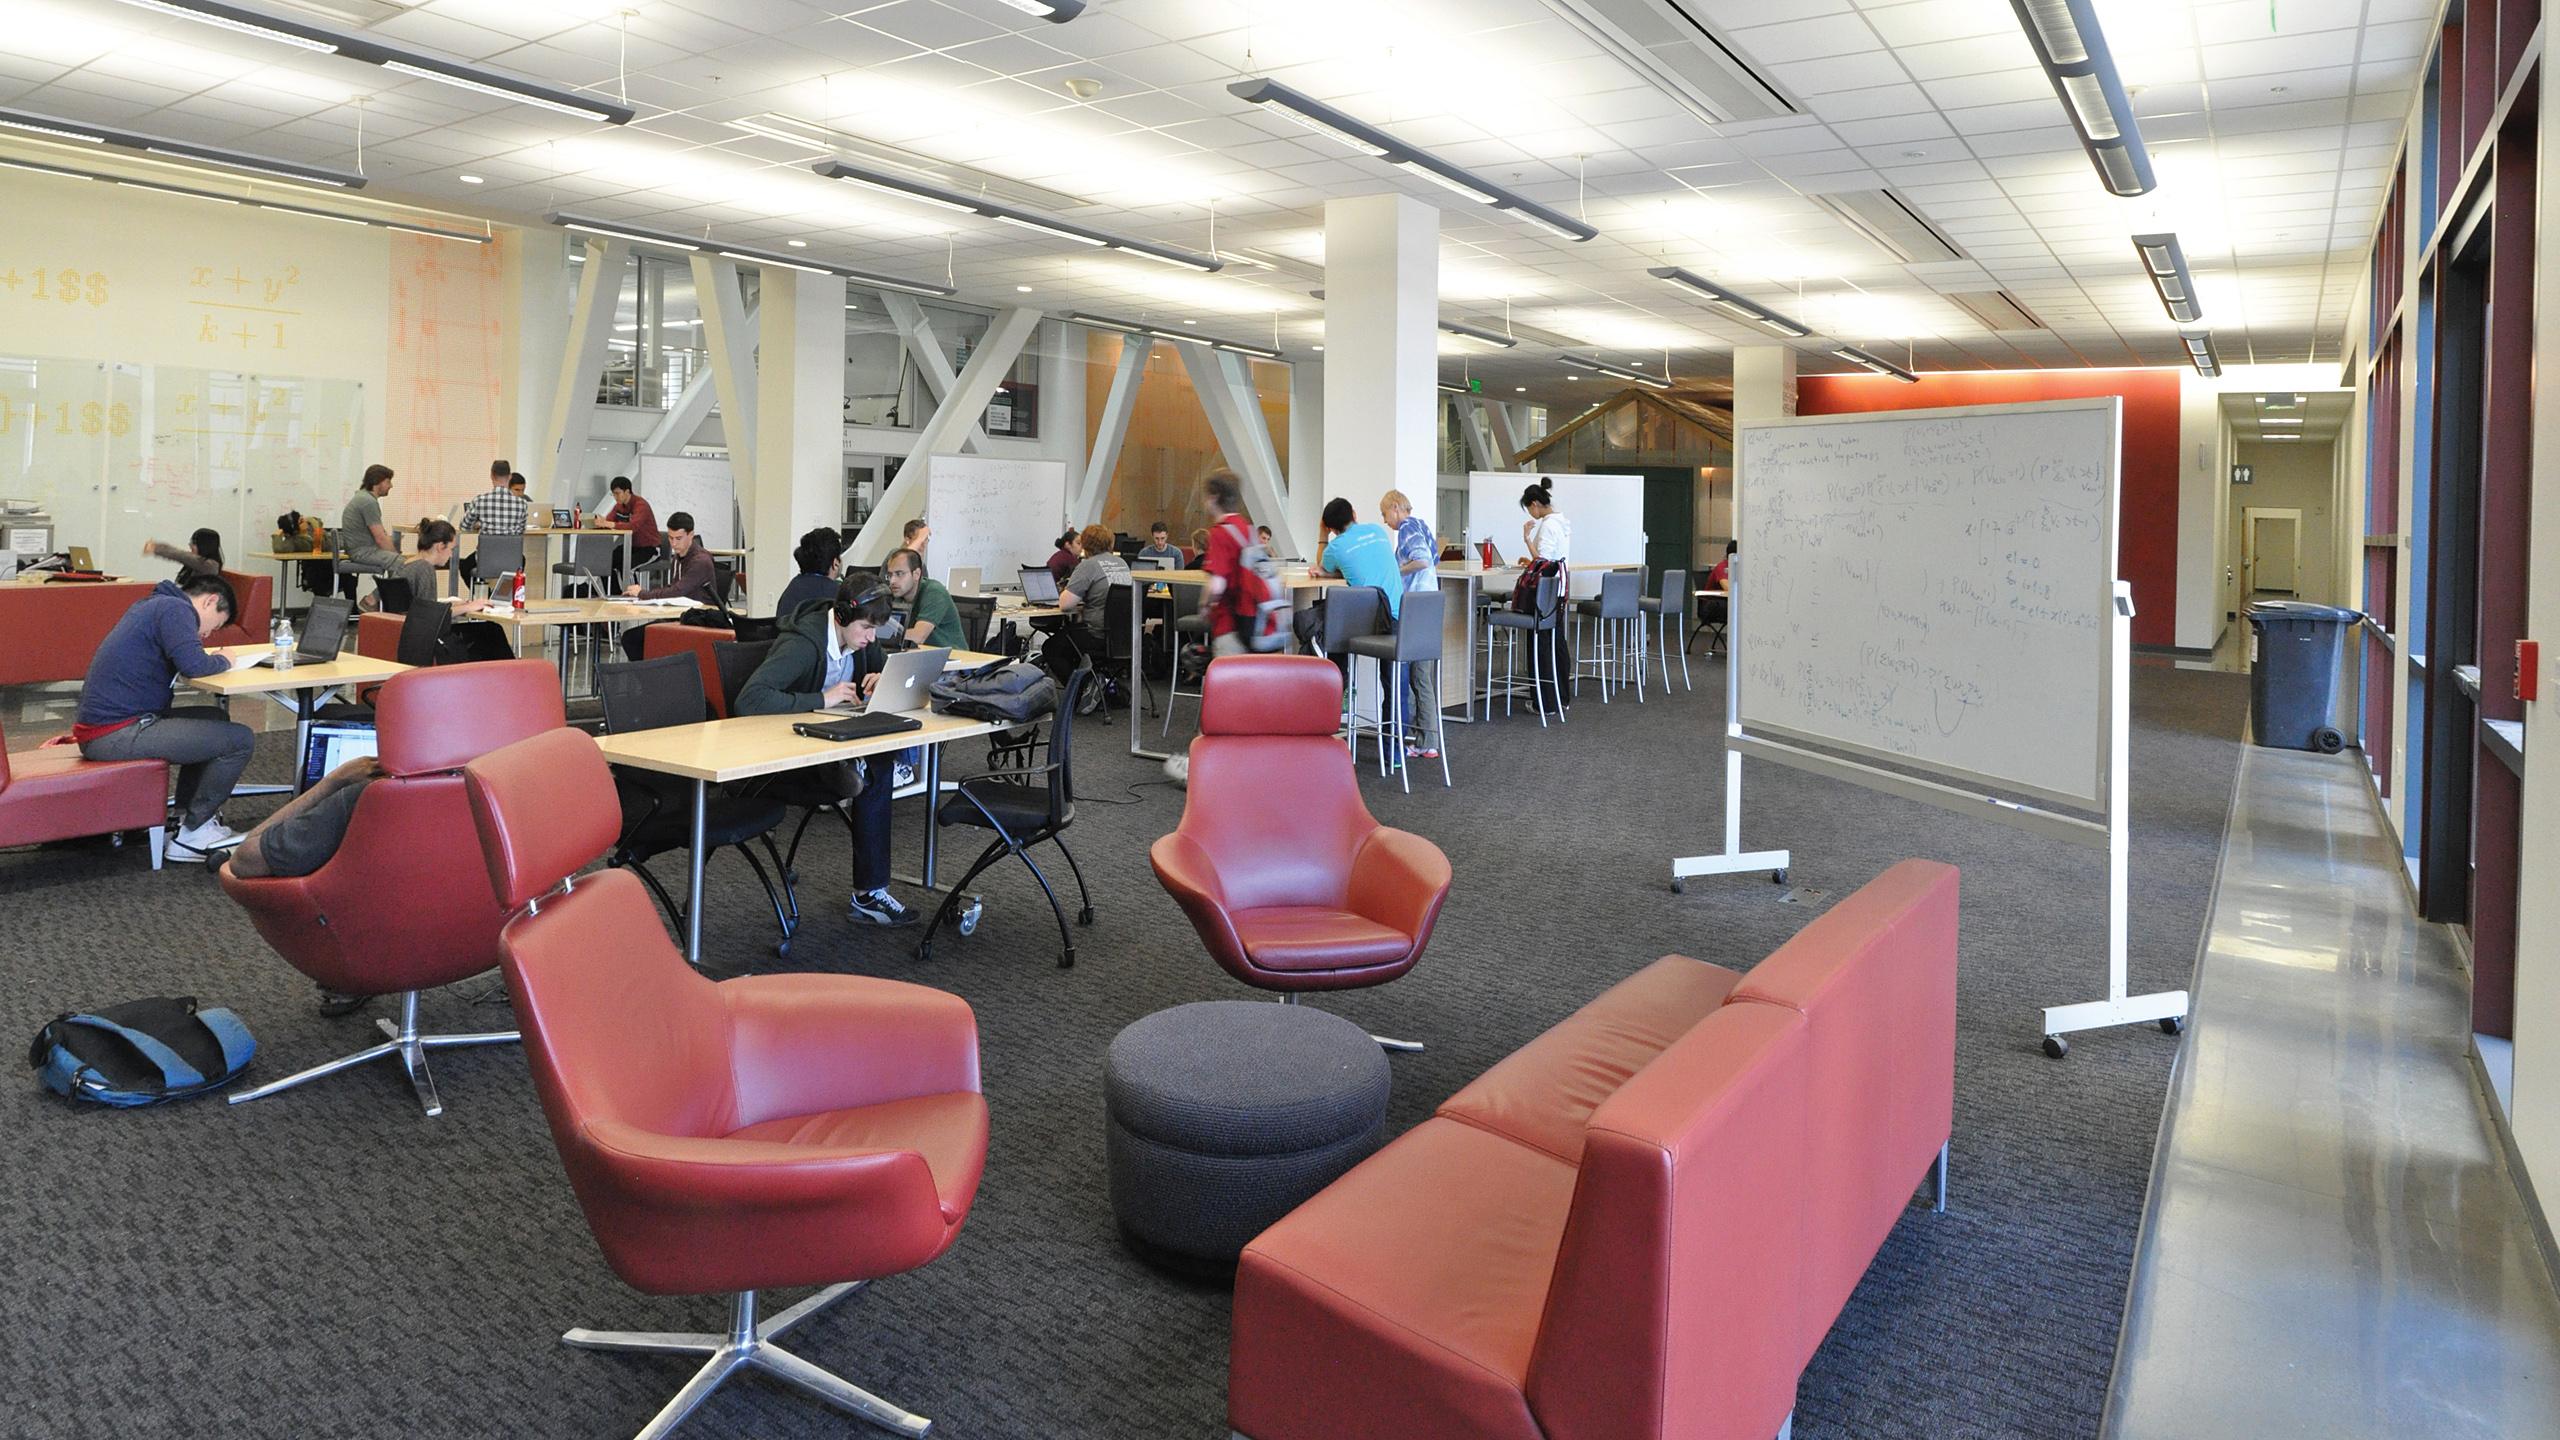 Jen-Hsun Huang Engineering Center at Stanford University / image 14